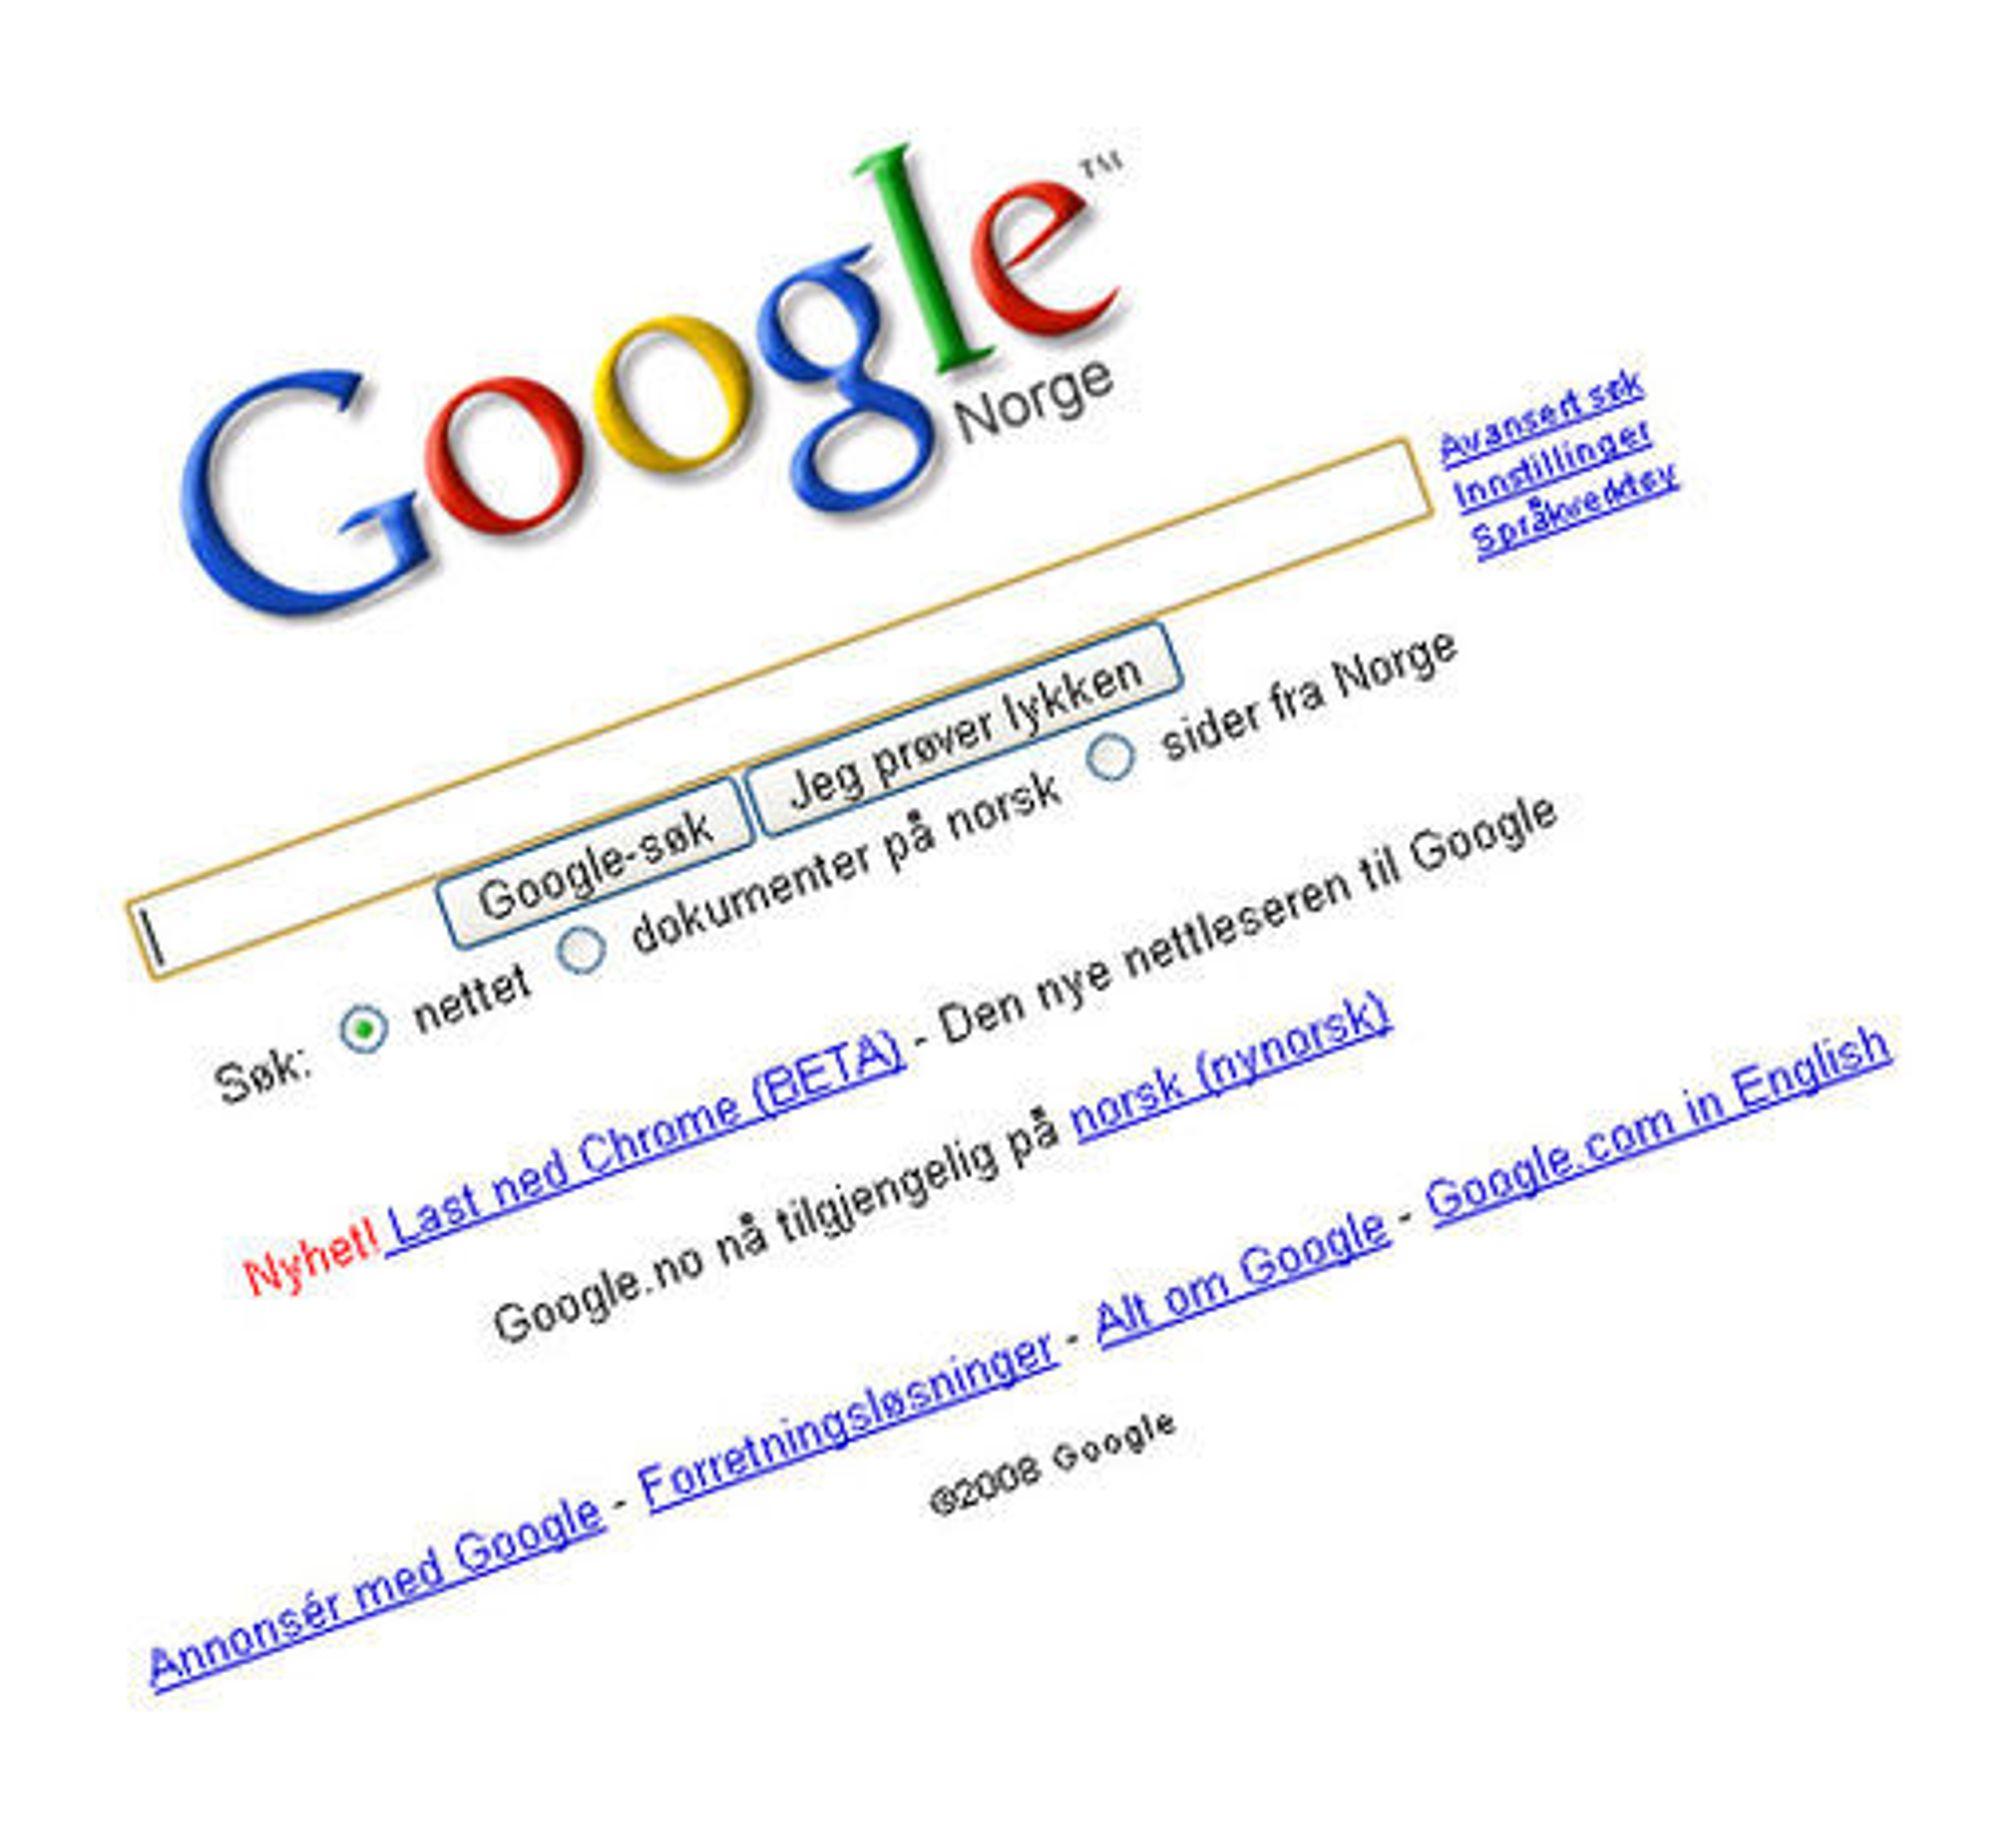 Å ha en nedlastingslenke på forsiden til Google gir Chrome god drahjelp.